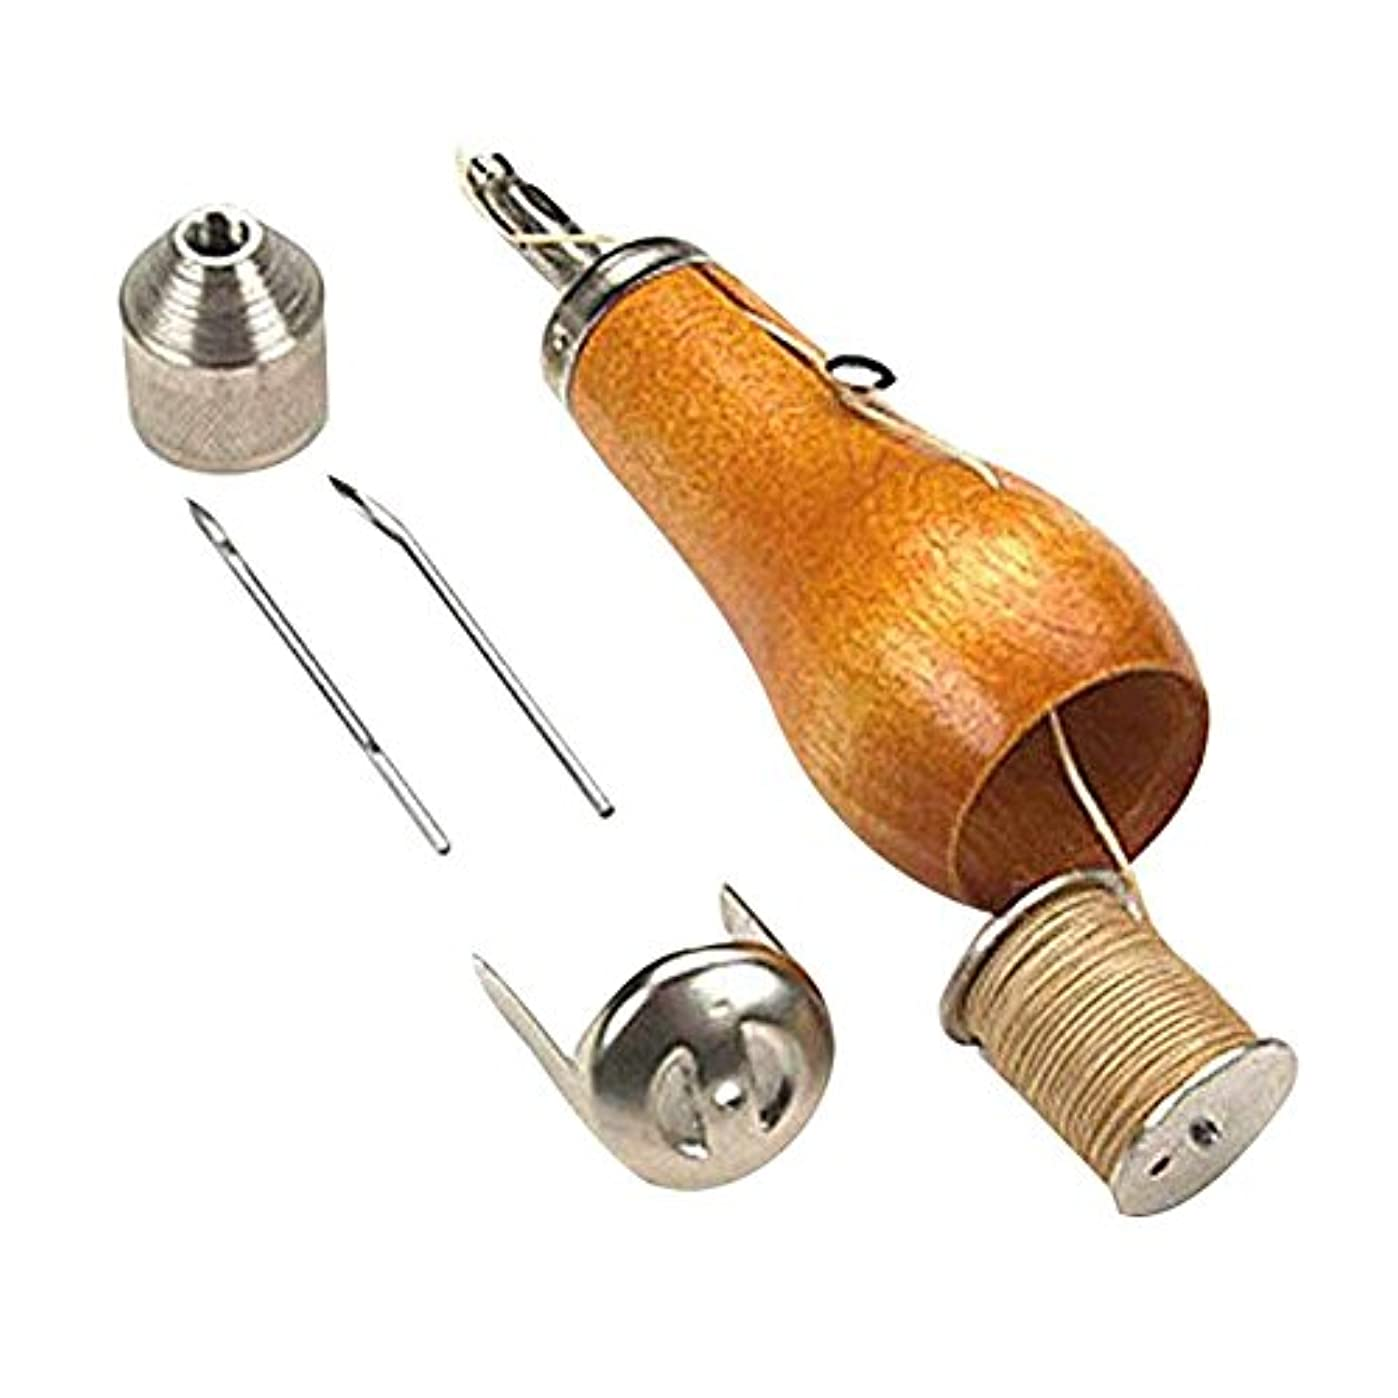 スチュアート島数変色するレザークラフト レザーツール スピーディーステッチャー 手縫機 レザークラフト用 革縫い針セット ASOSMOS 裁縫キット 革用ミシン針 革工具 レザークラフ 片手で縫え 糸通し器